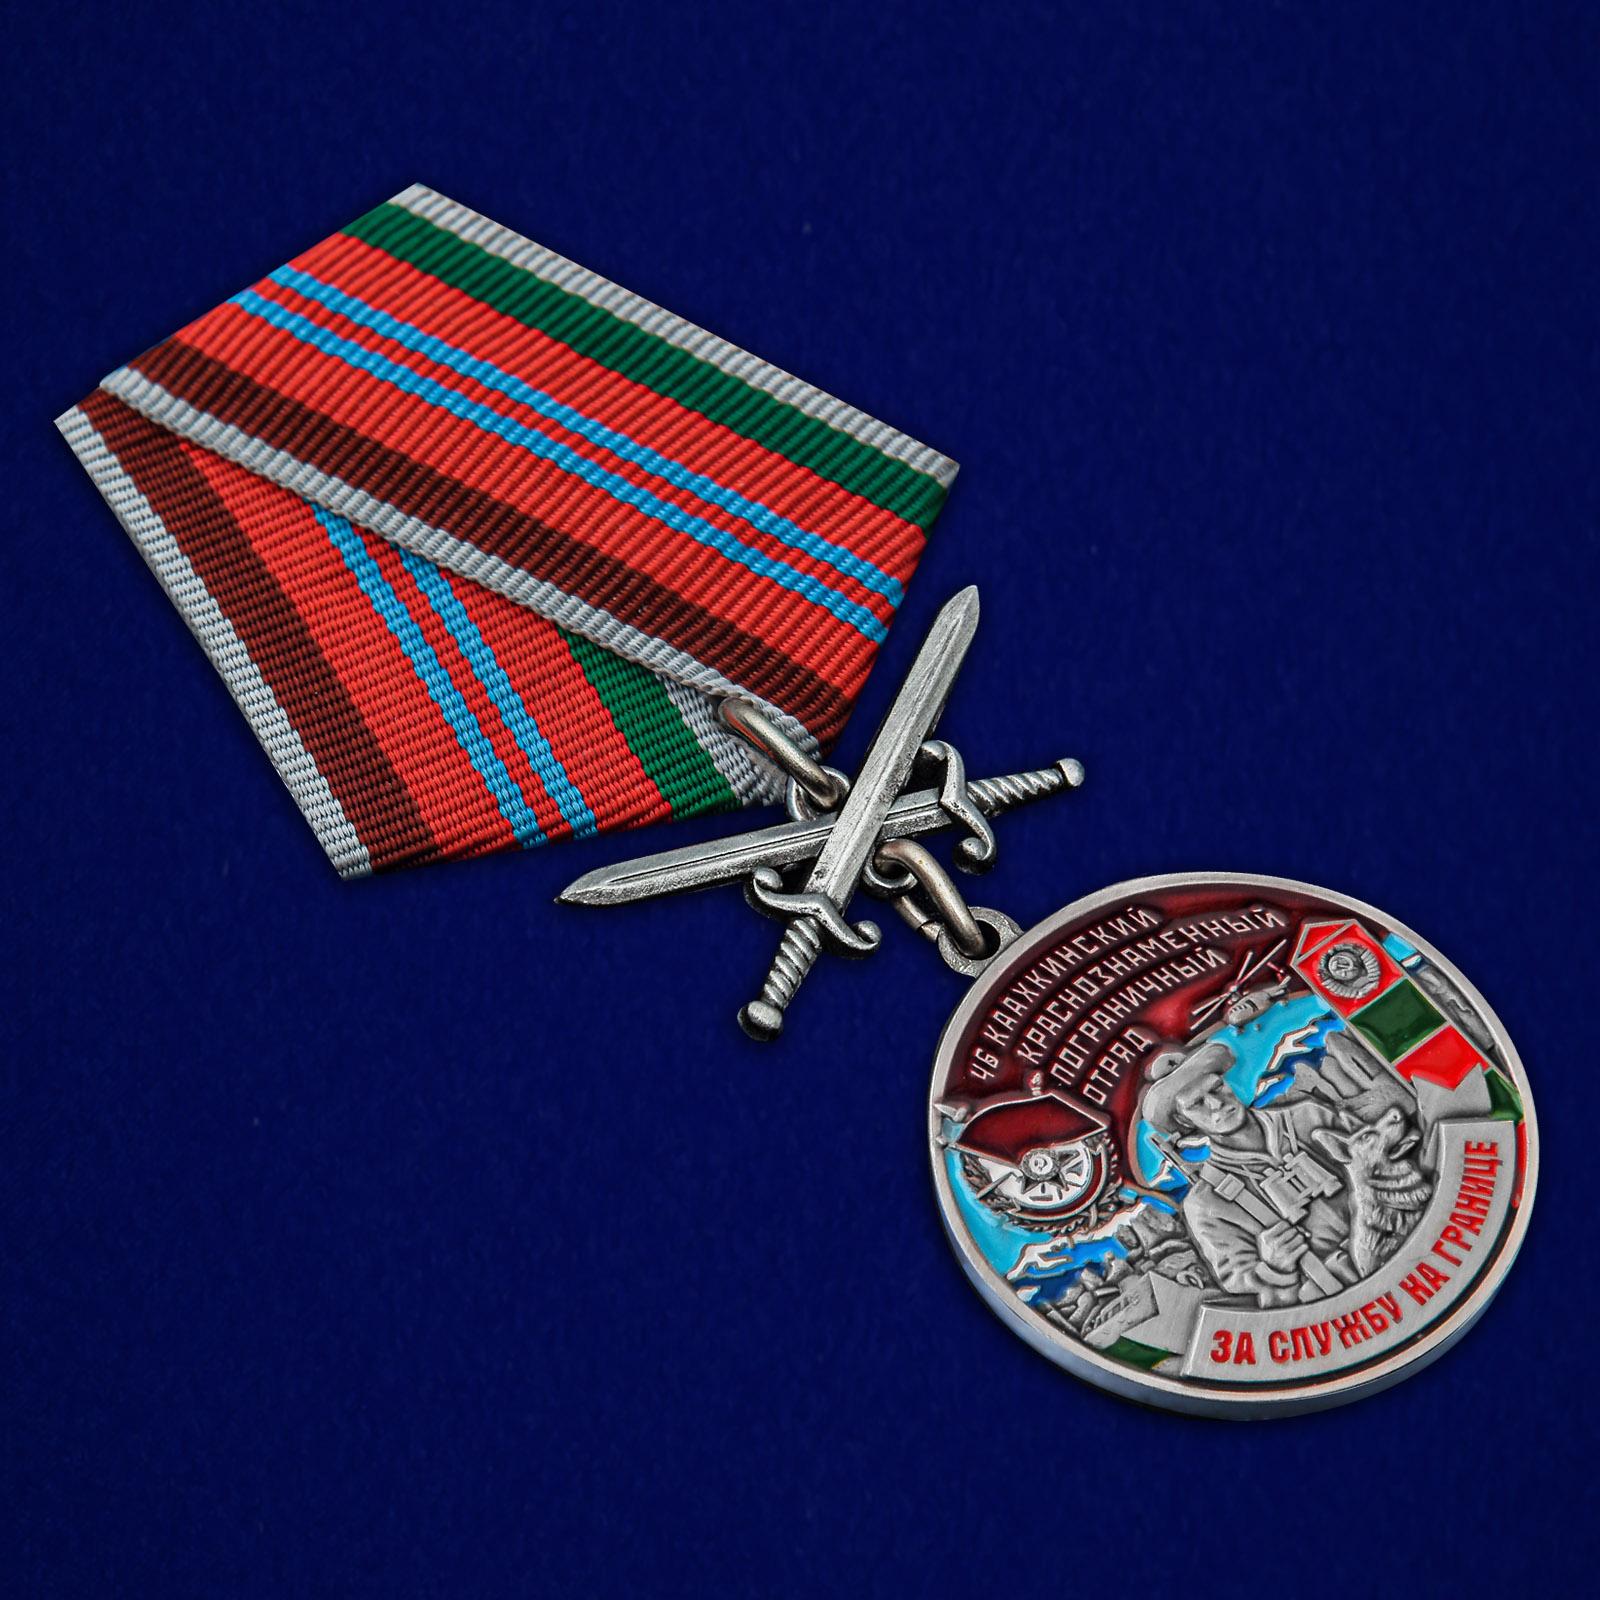 """Купить медаль """"За службу в Каахкинском пограничном отряде"""""""